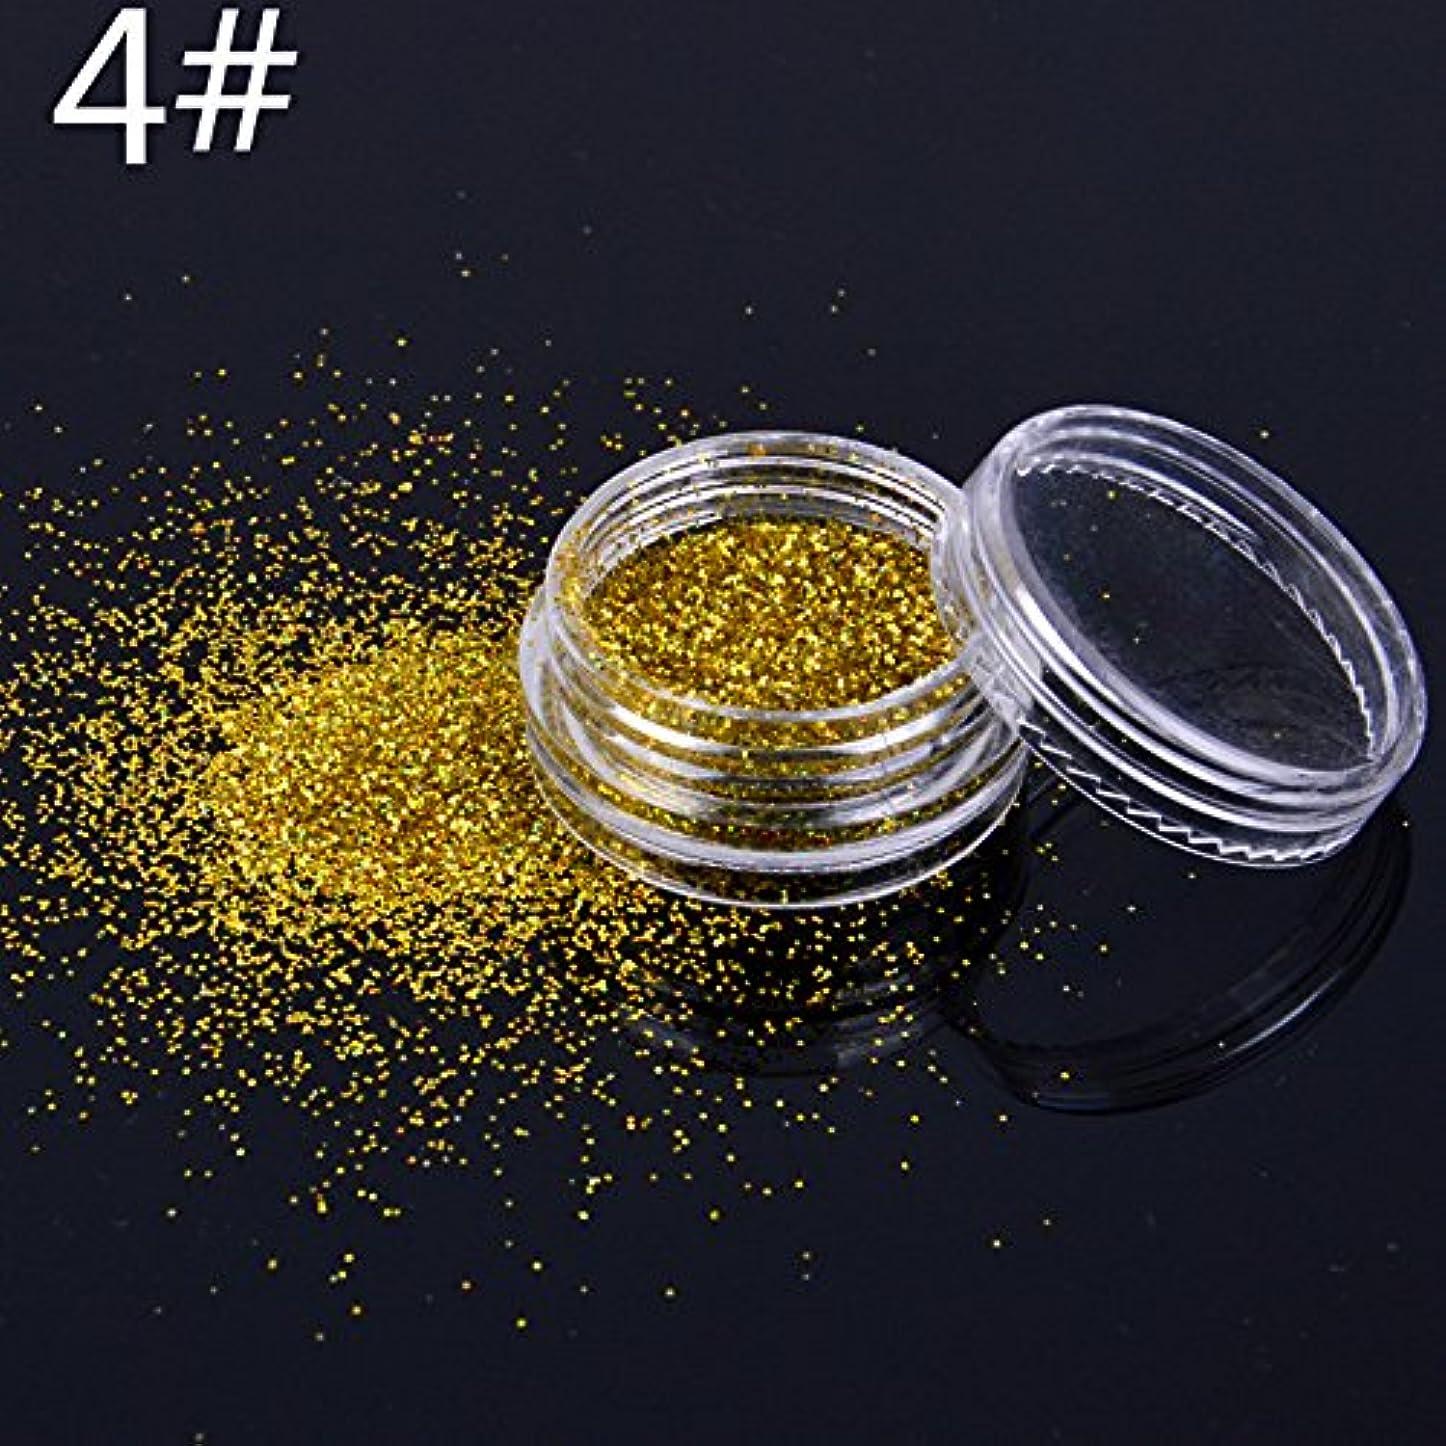 おいしい節約革命的キラキラ化粧キラキラルースパウダーEyeShadowゴールドアイシャドー顔料